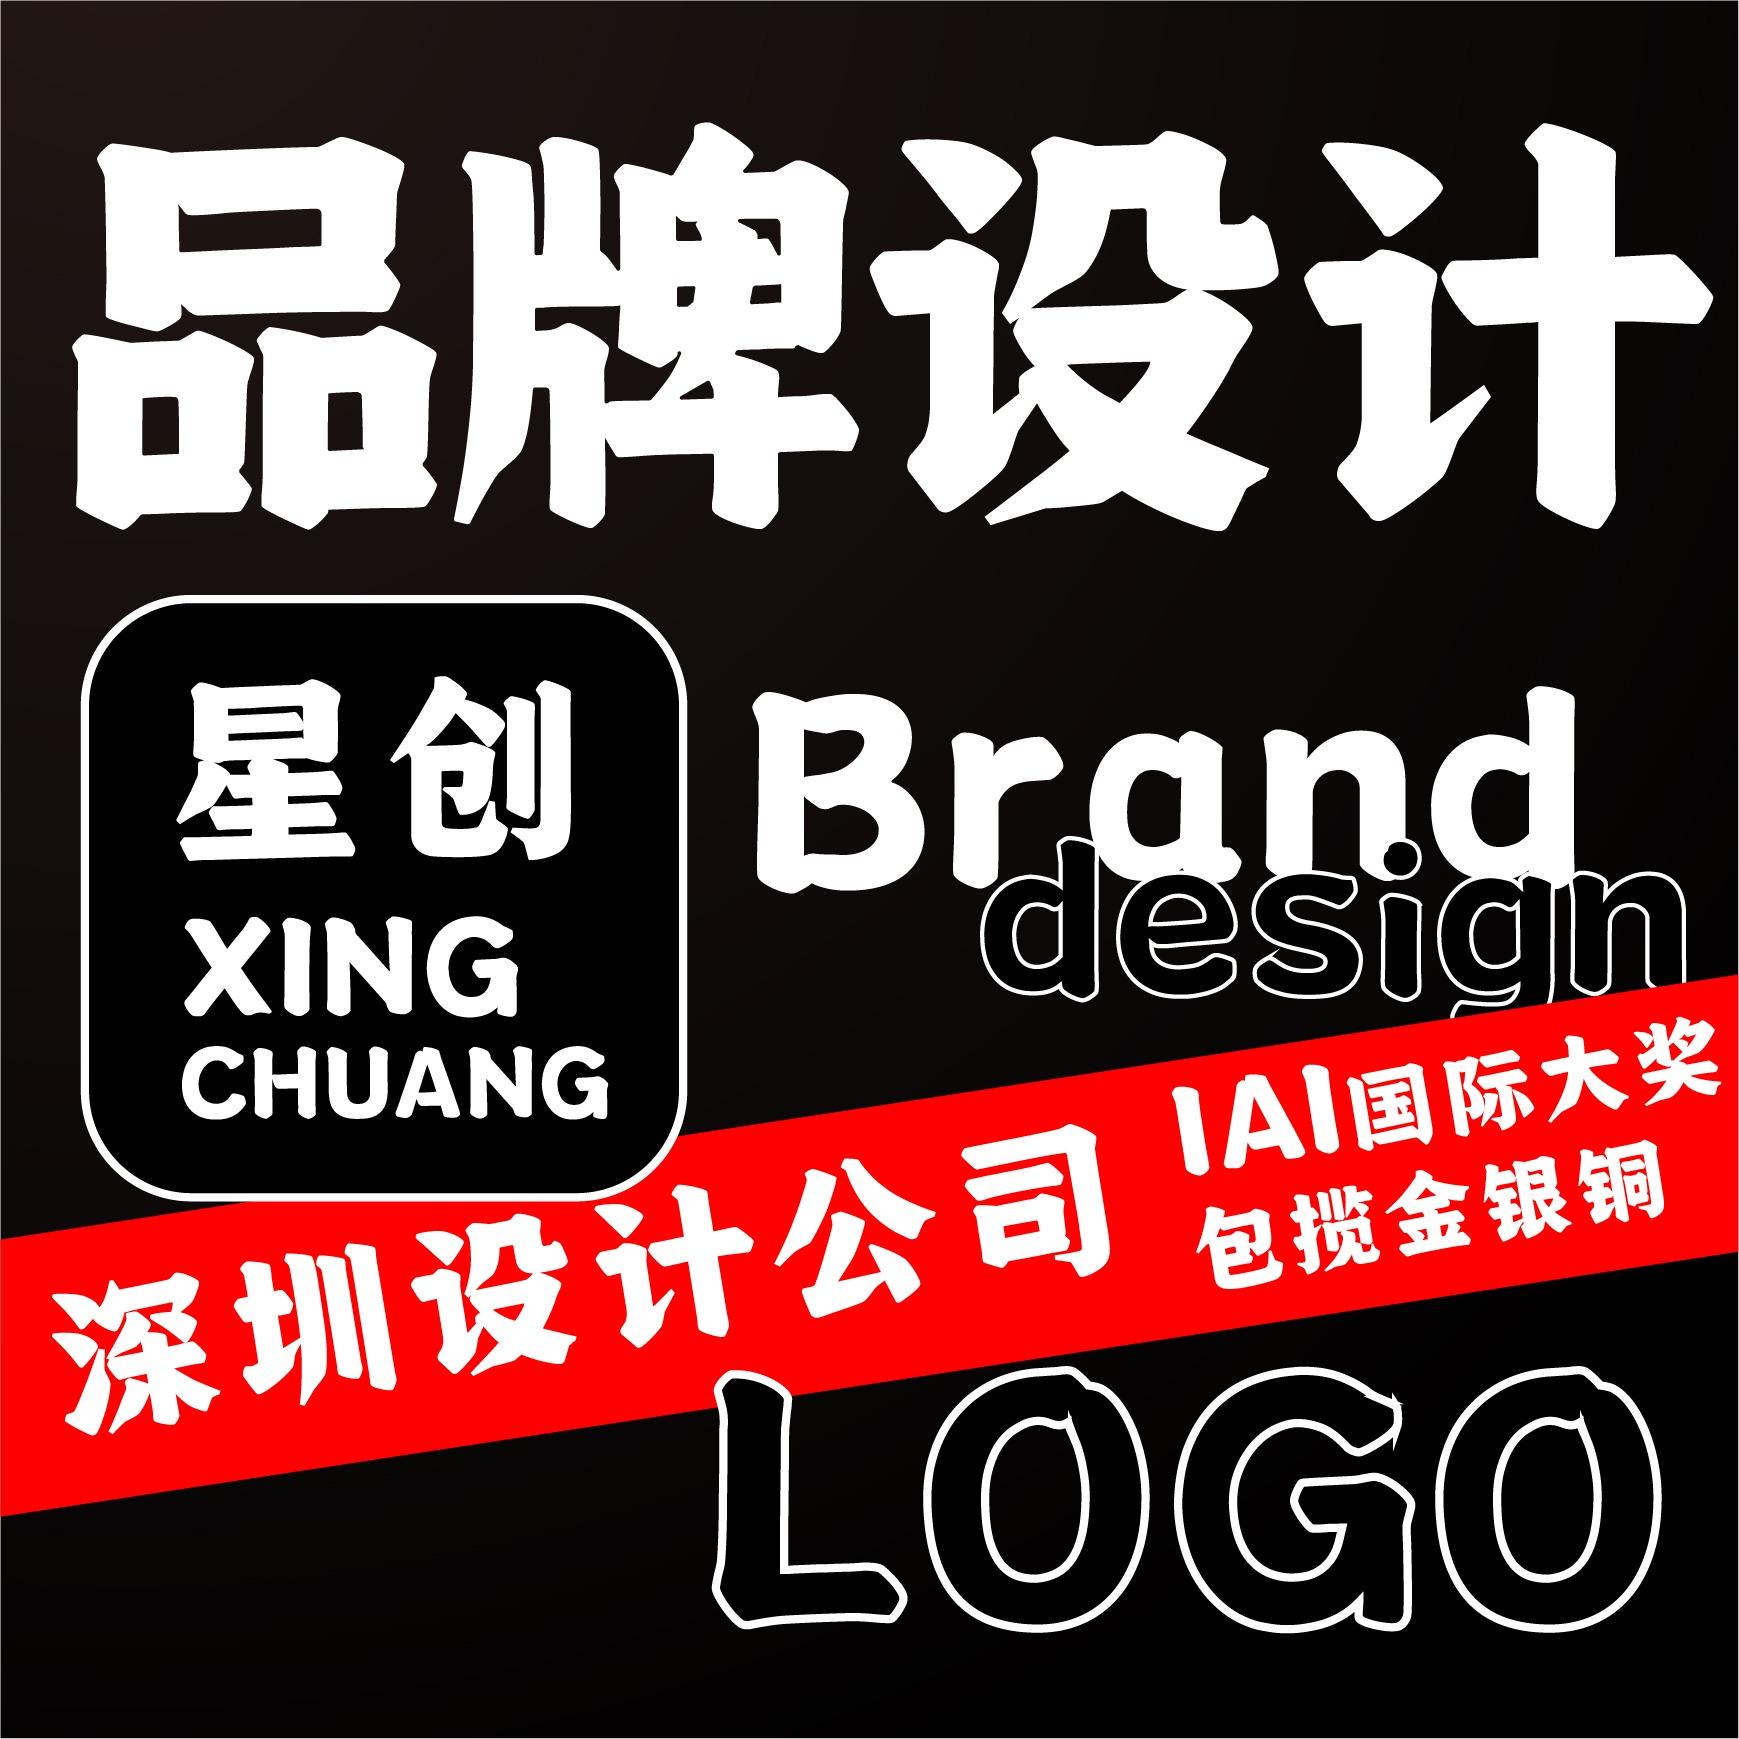 深圳餐饮食品电商新零售休闲娱乐酒吧 品牌 形象LOGO定制设计